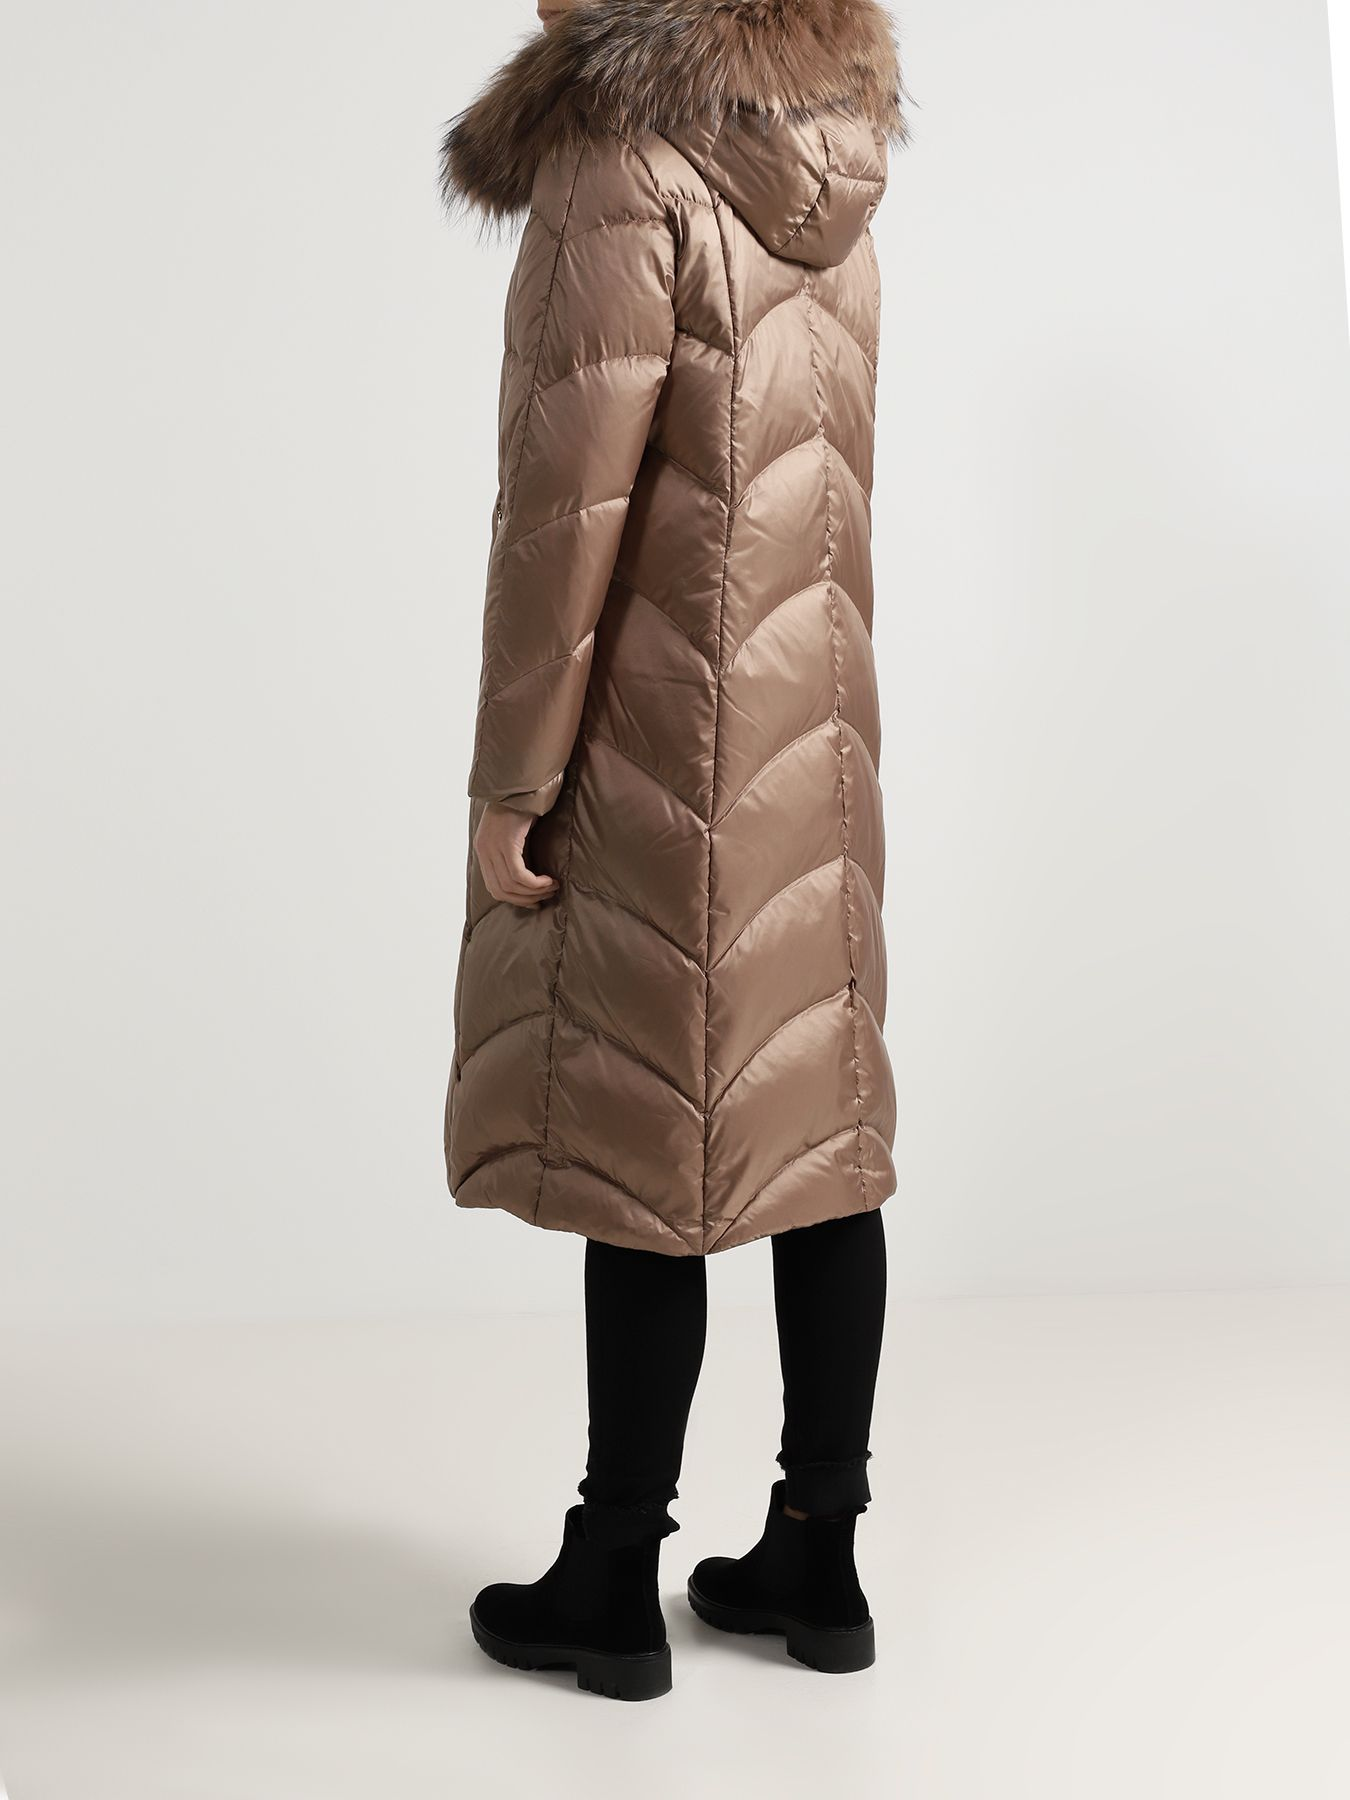 Пальто ORSA Couture Женский пуховик